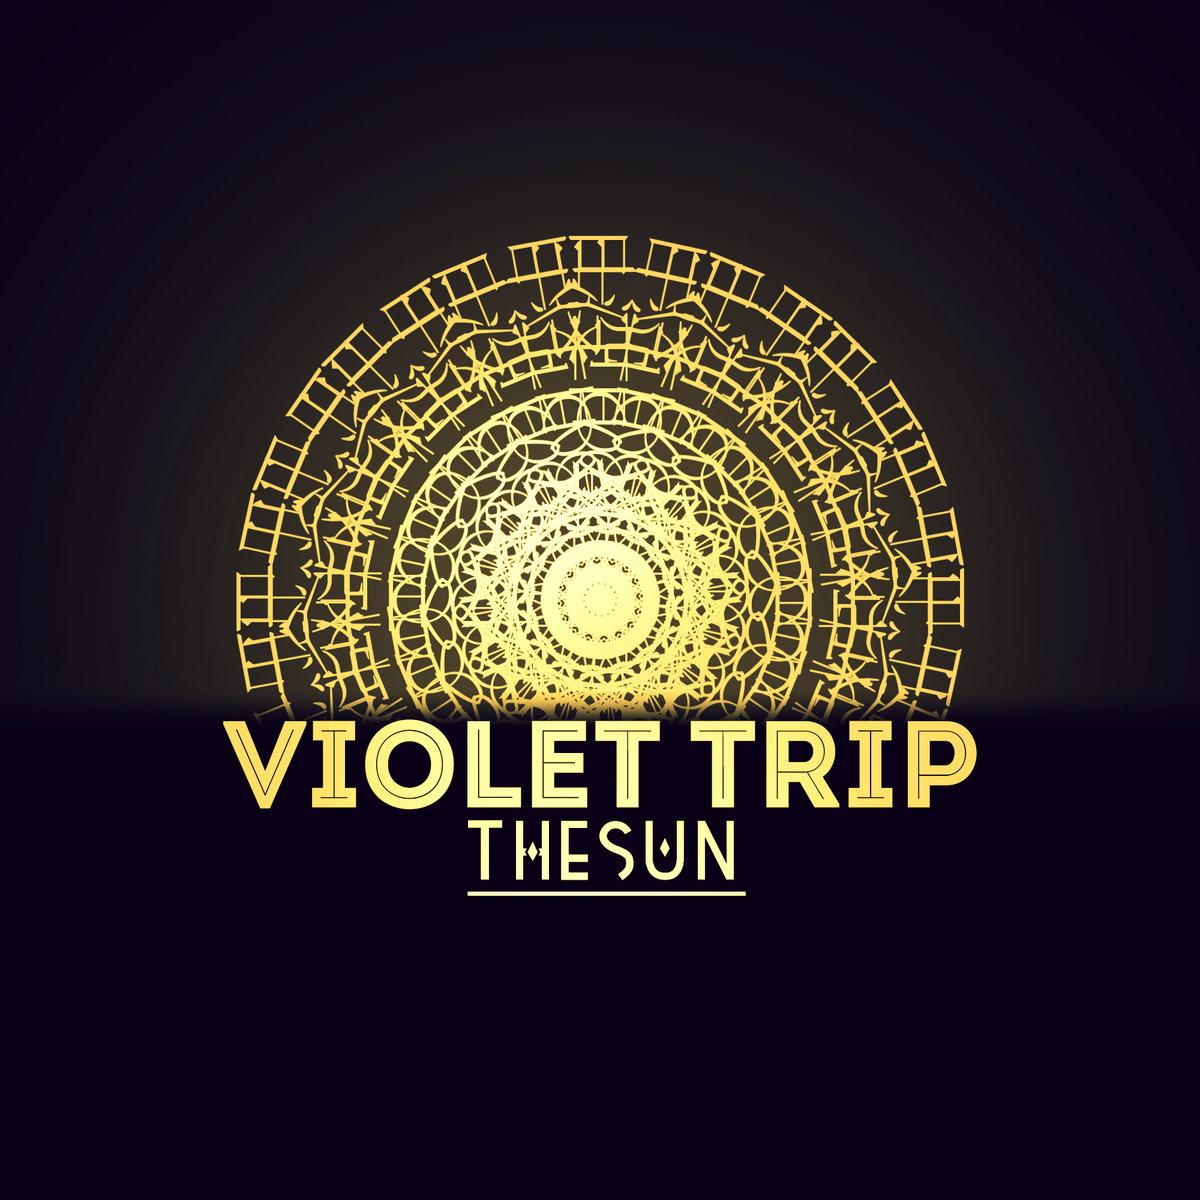 Violet Trip - The Sun